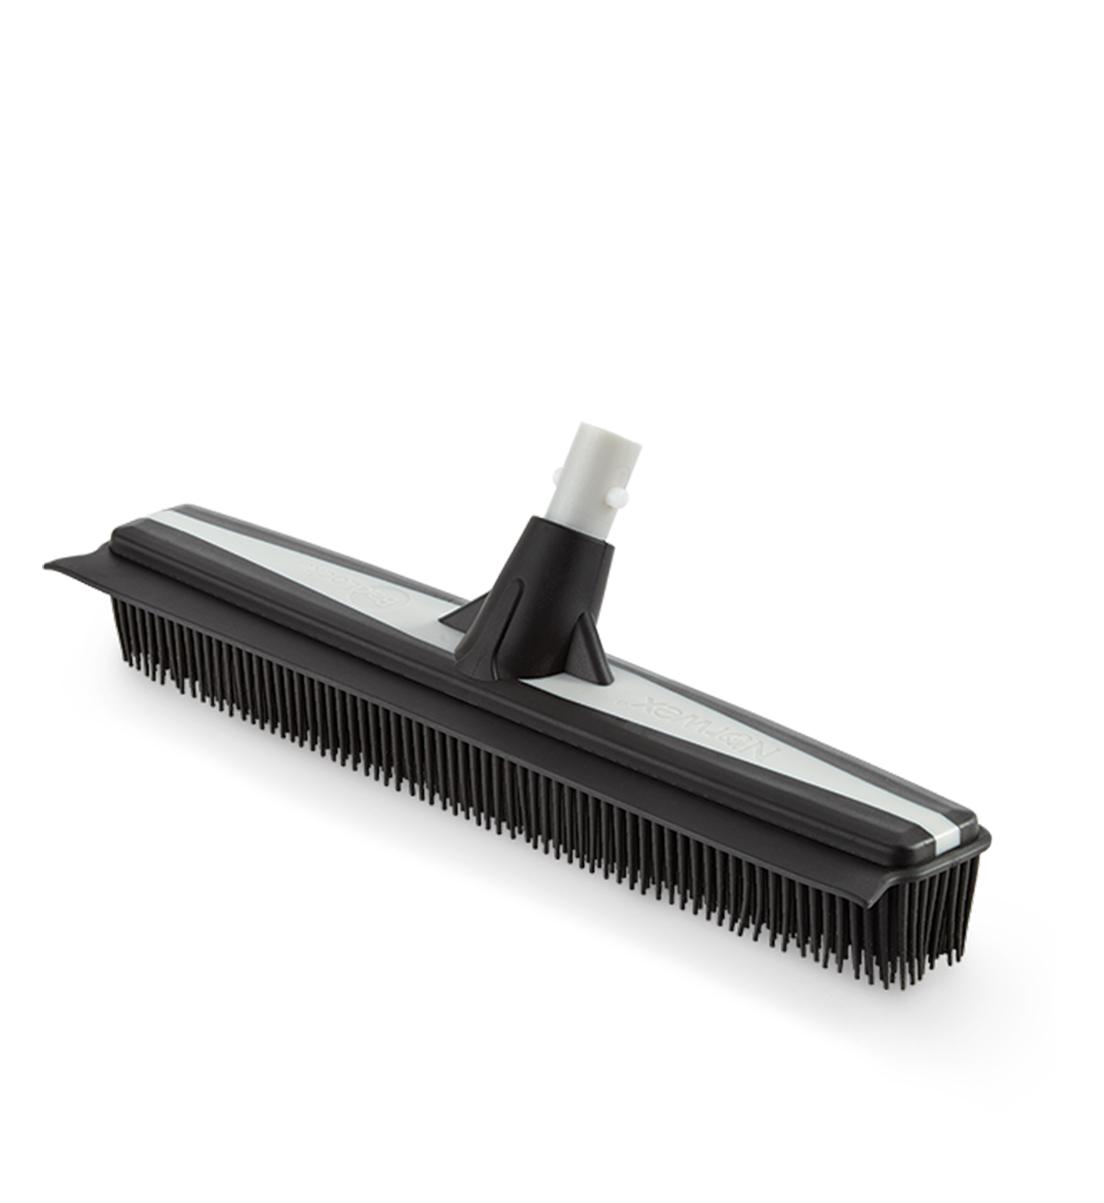 Rubber Broom Attachment